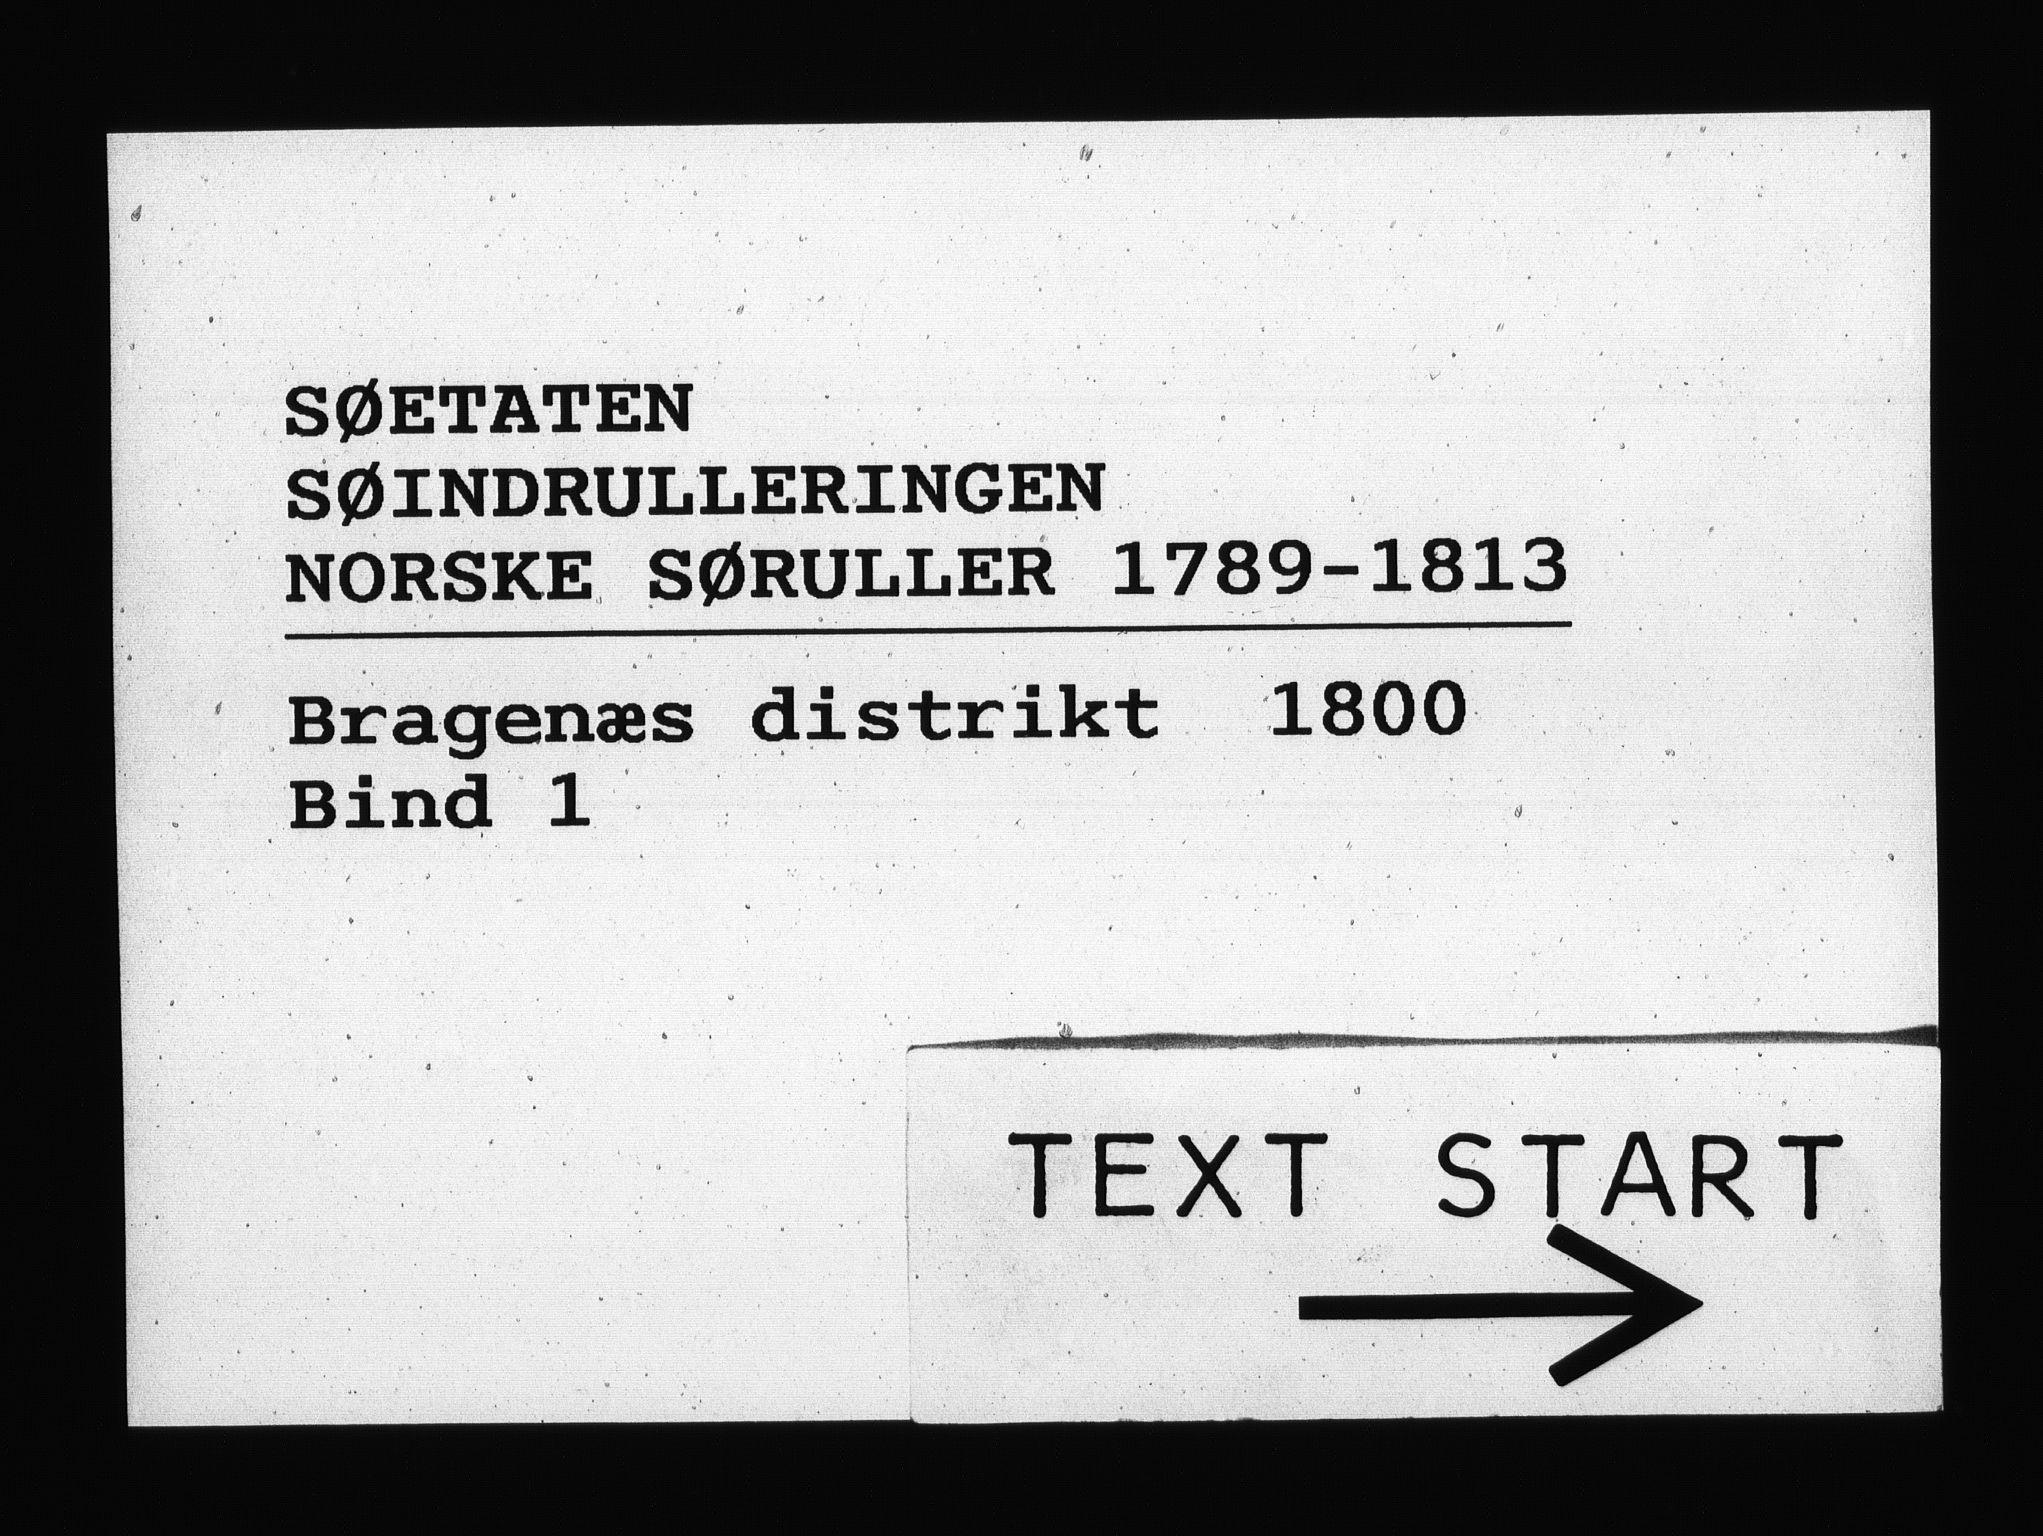 RA, Sjøetaten, F/L0128: Bragernes distrikt, bind 1, 1800